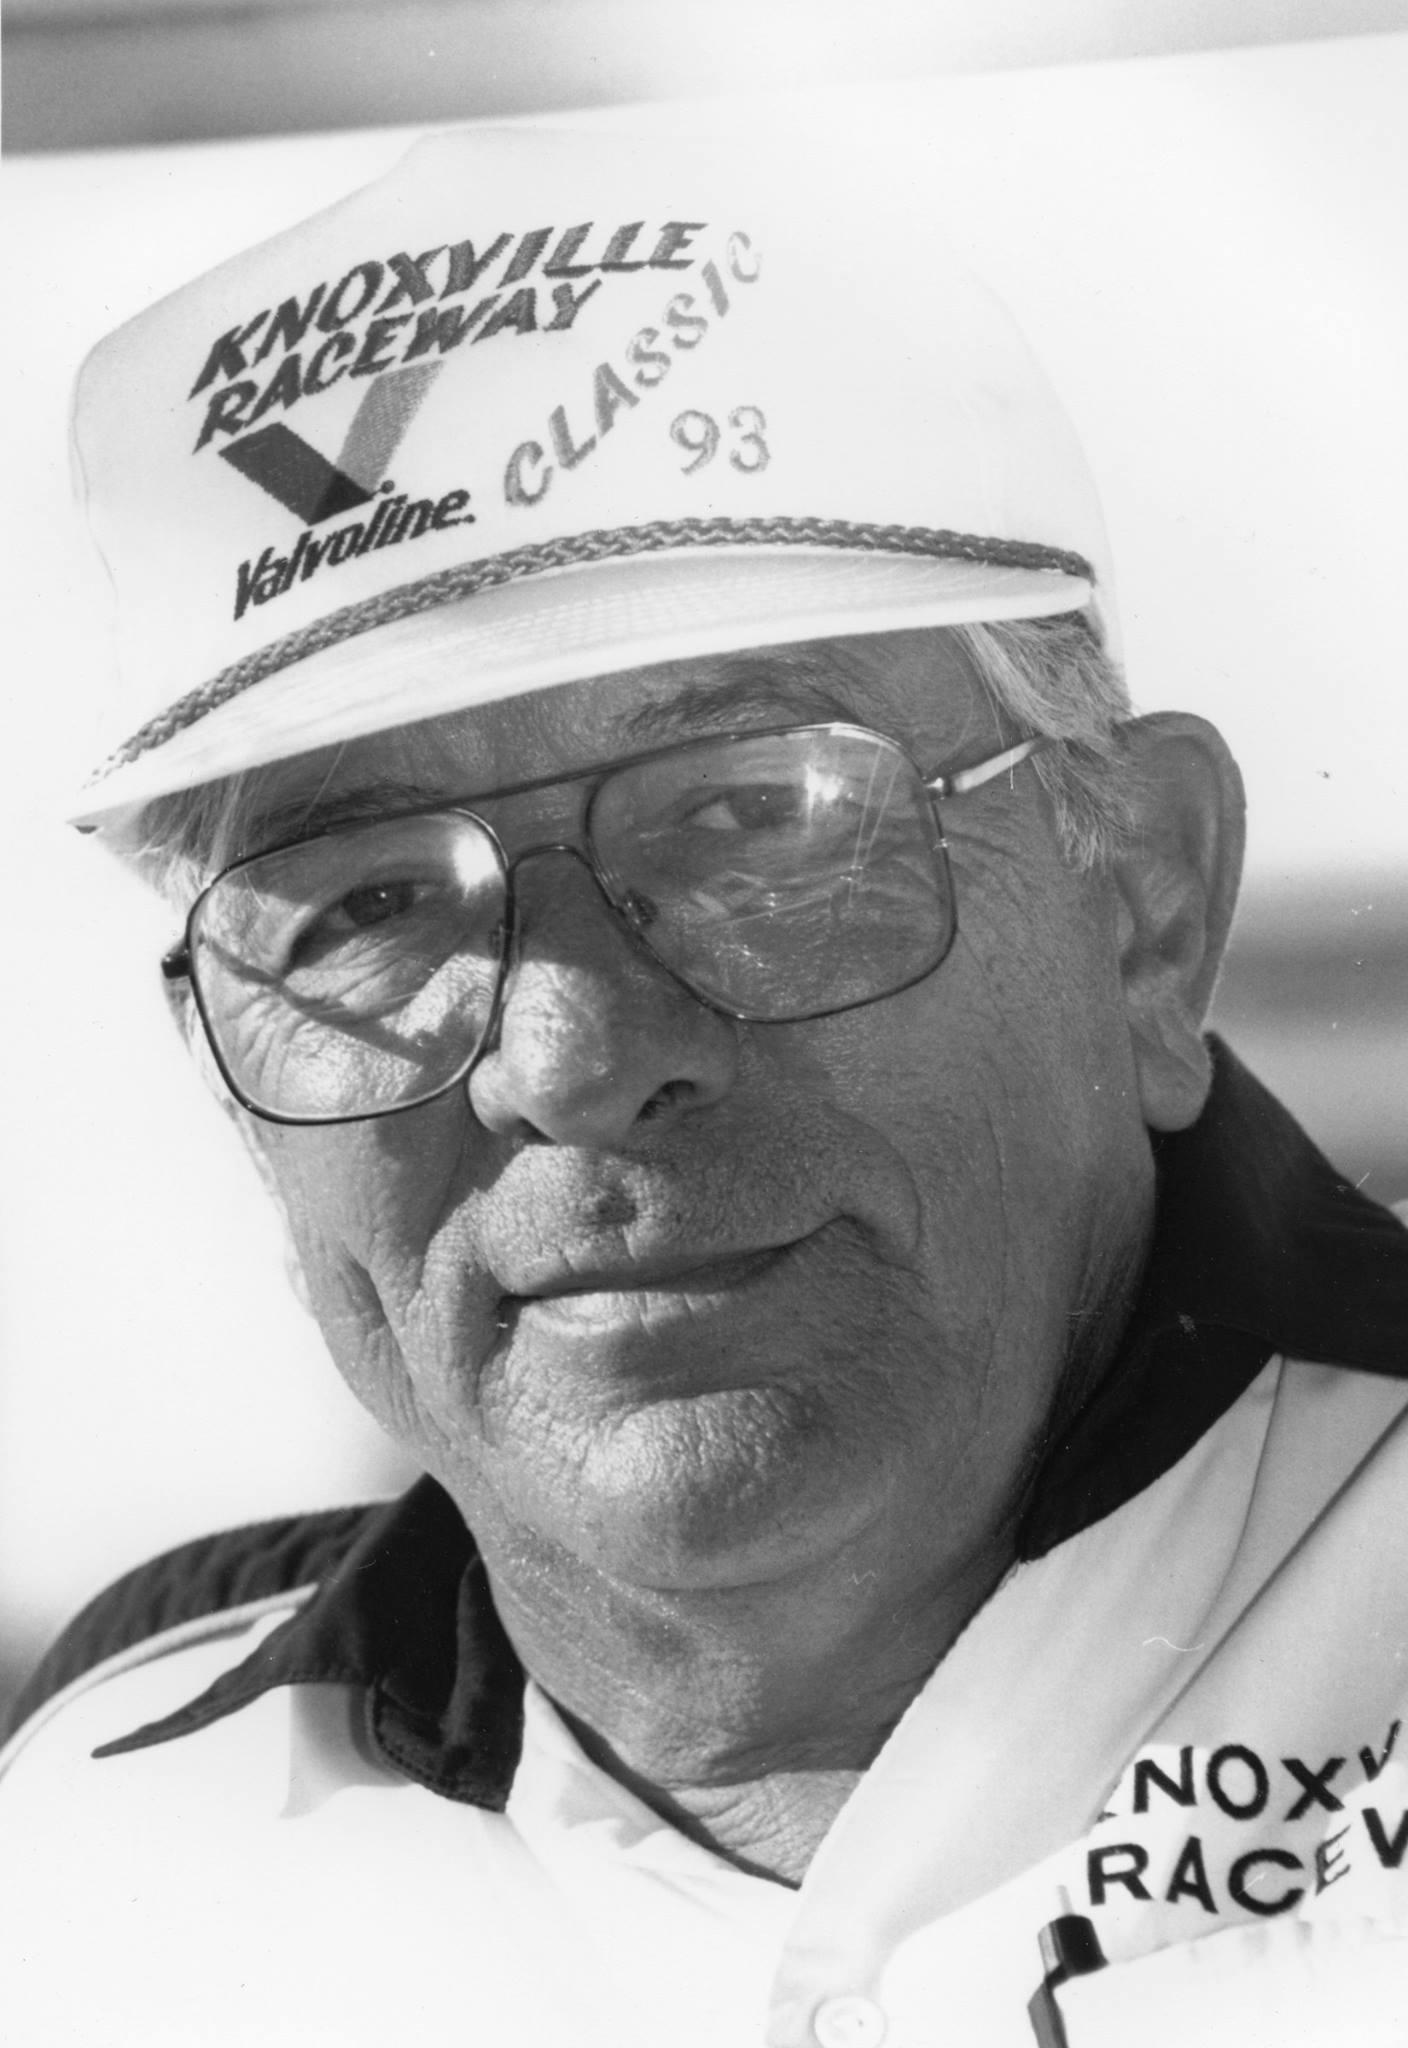 Ralph Capitani Knoxville Raceway Dirt Racing